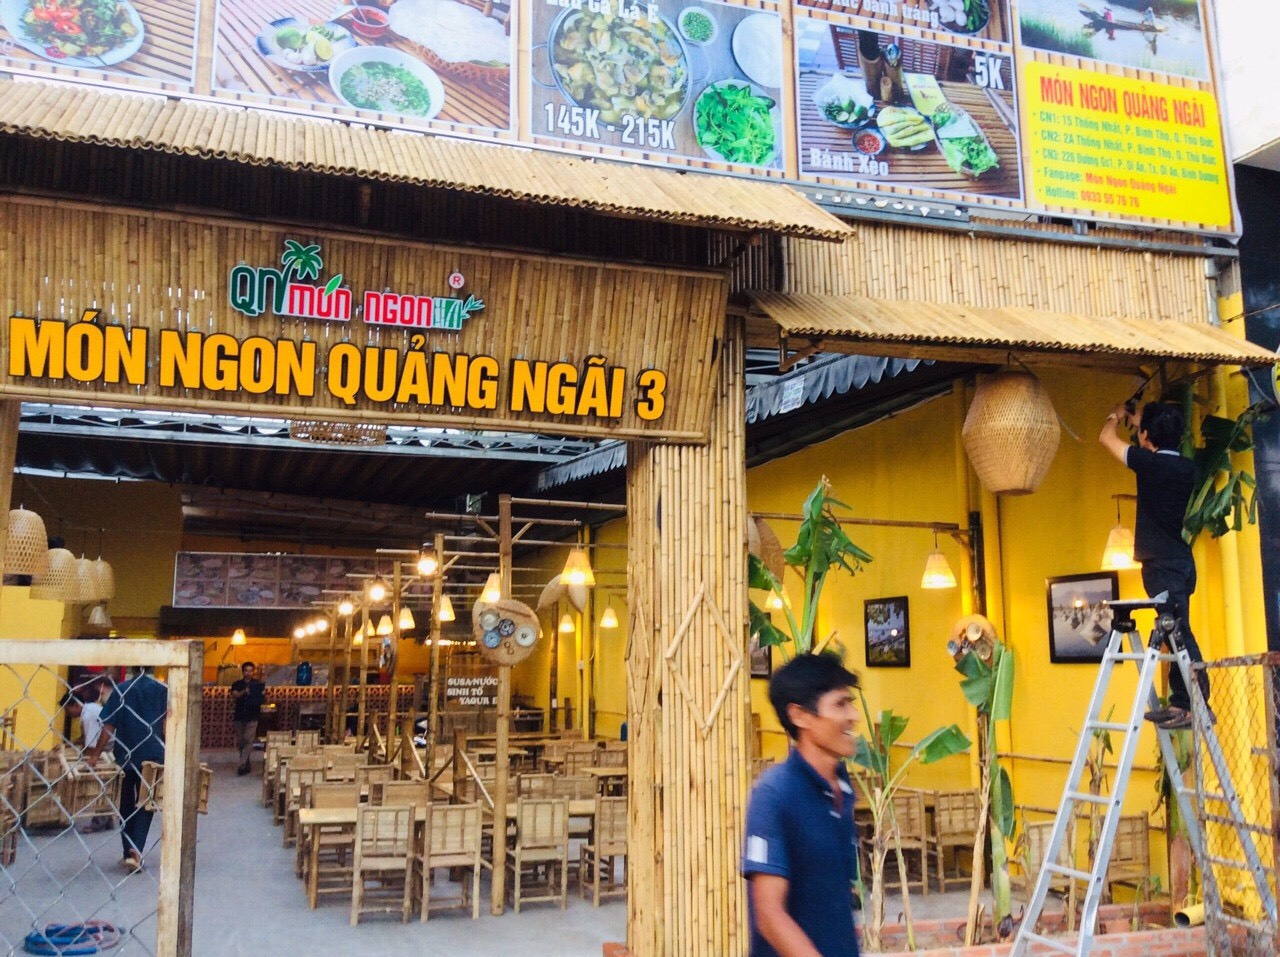 City Nội Thất đã thực hiện thi công trang trí tre trúc cho rất nhiều quán ăn tại TP.HCM